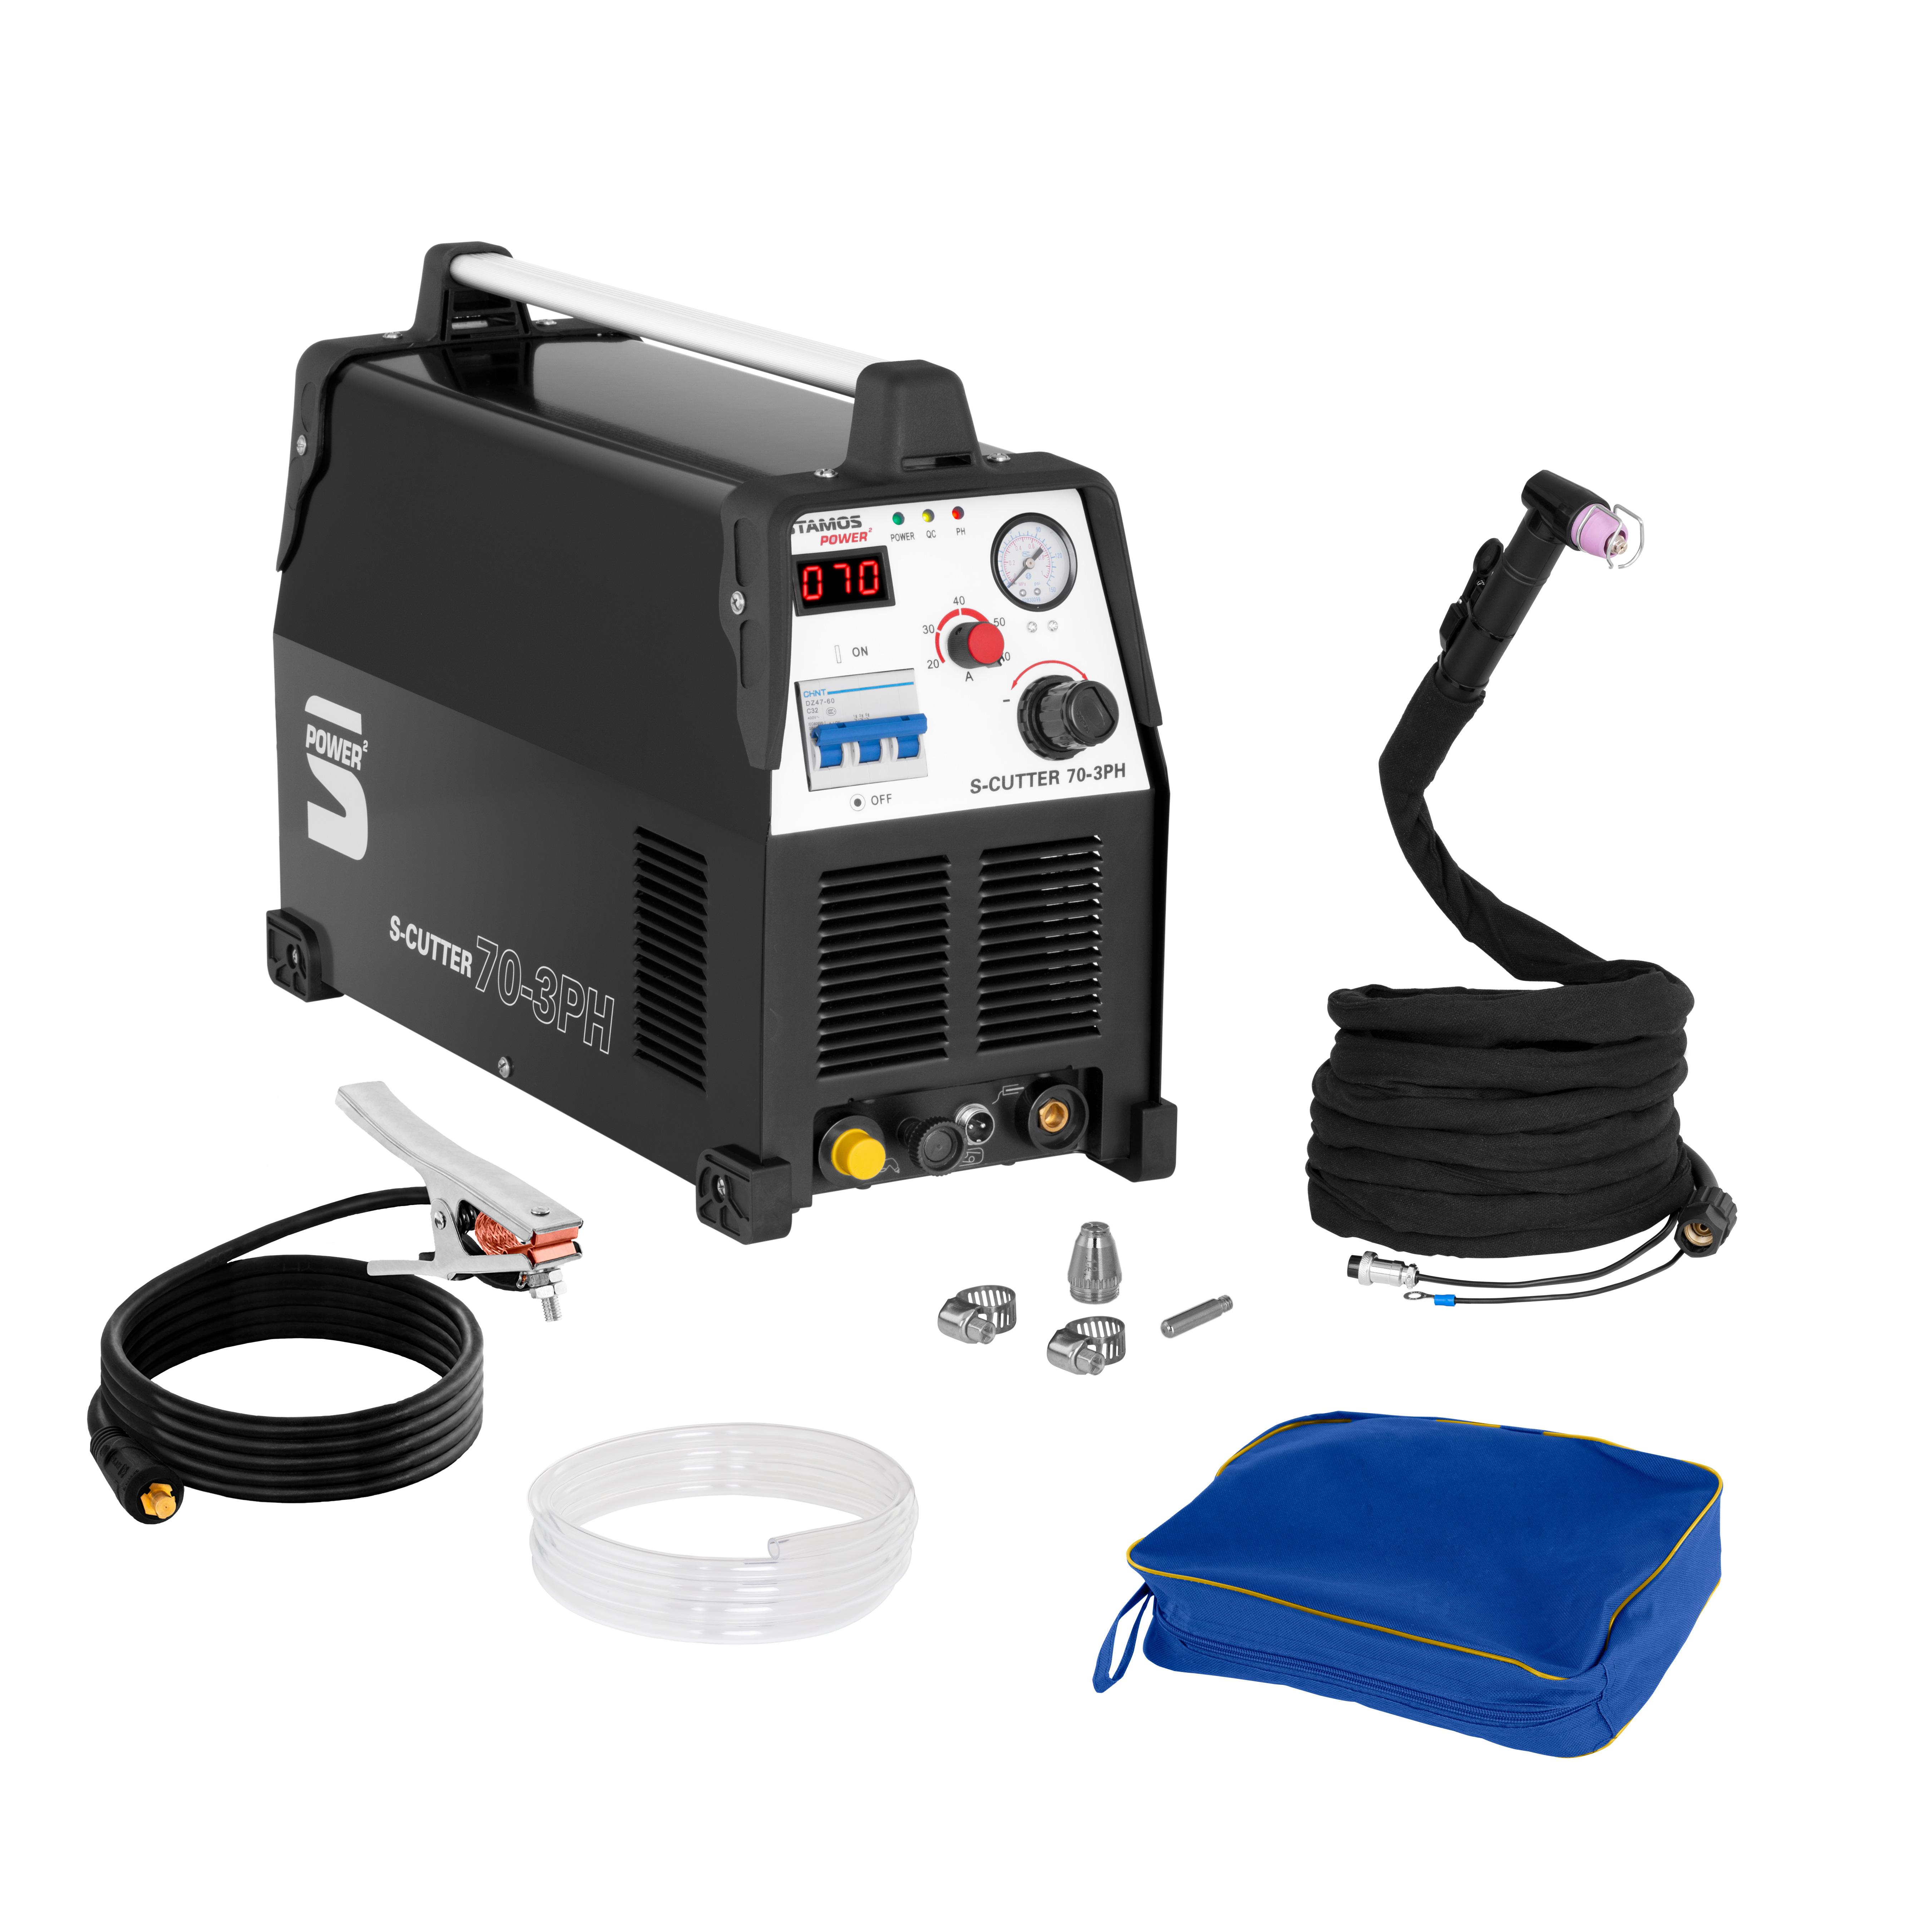 Stamos Power ² Plasmaschneider - 70 A - 400 V - Pilotzündung S-CUTTER 70-3PH/PRZECINARKA CUT 70